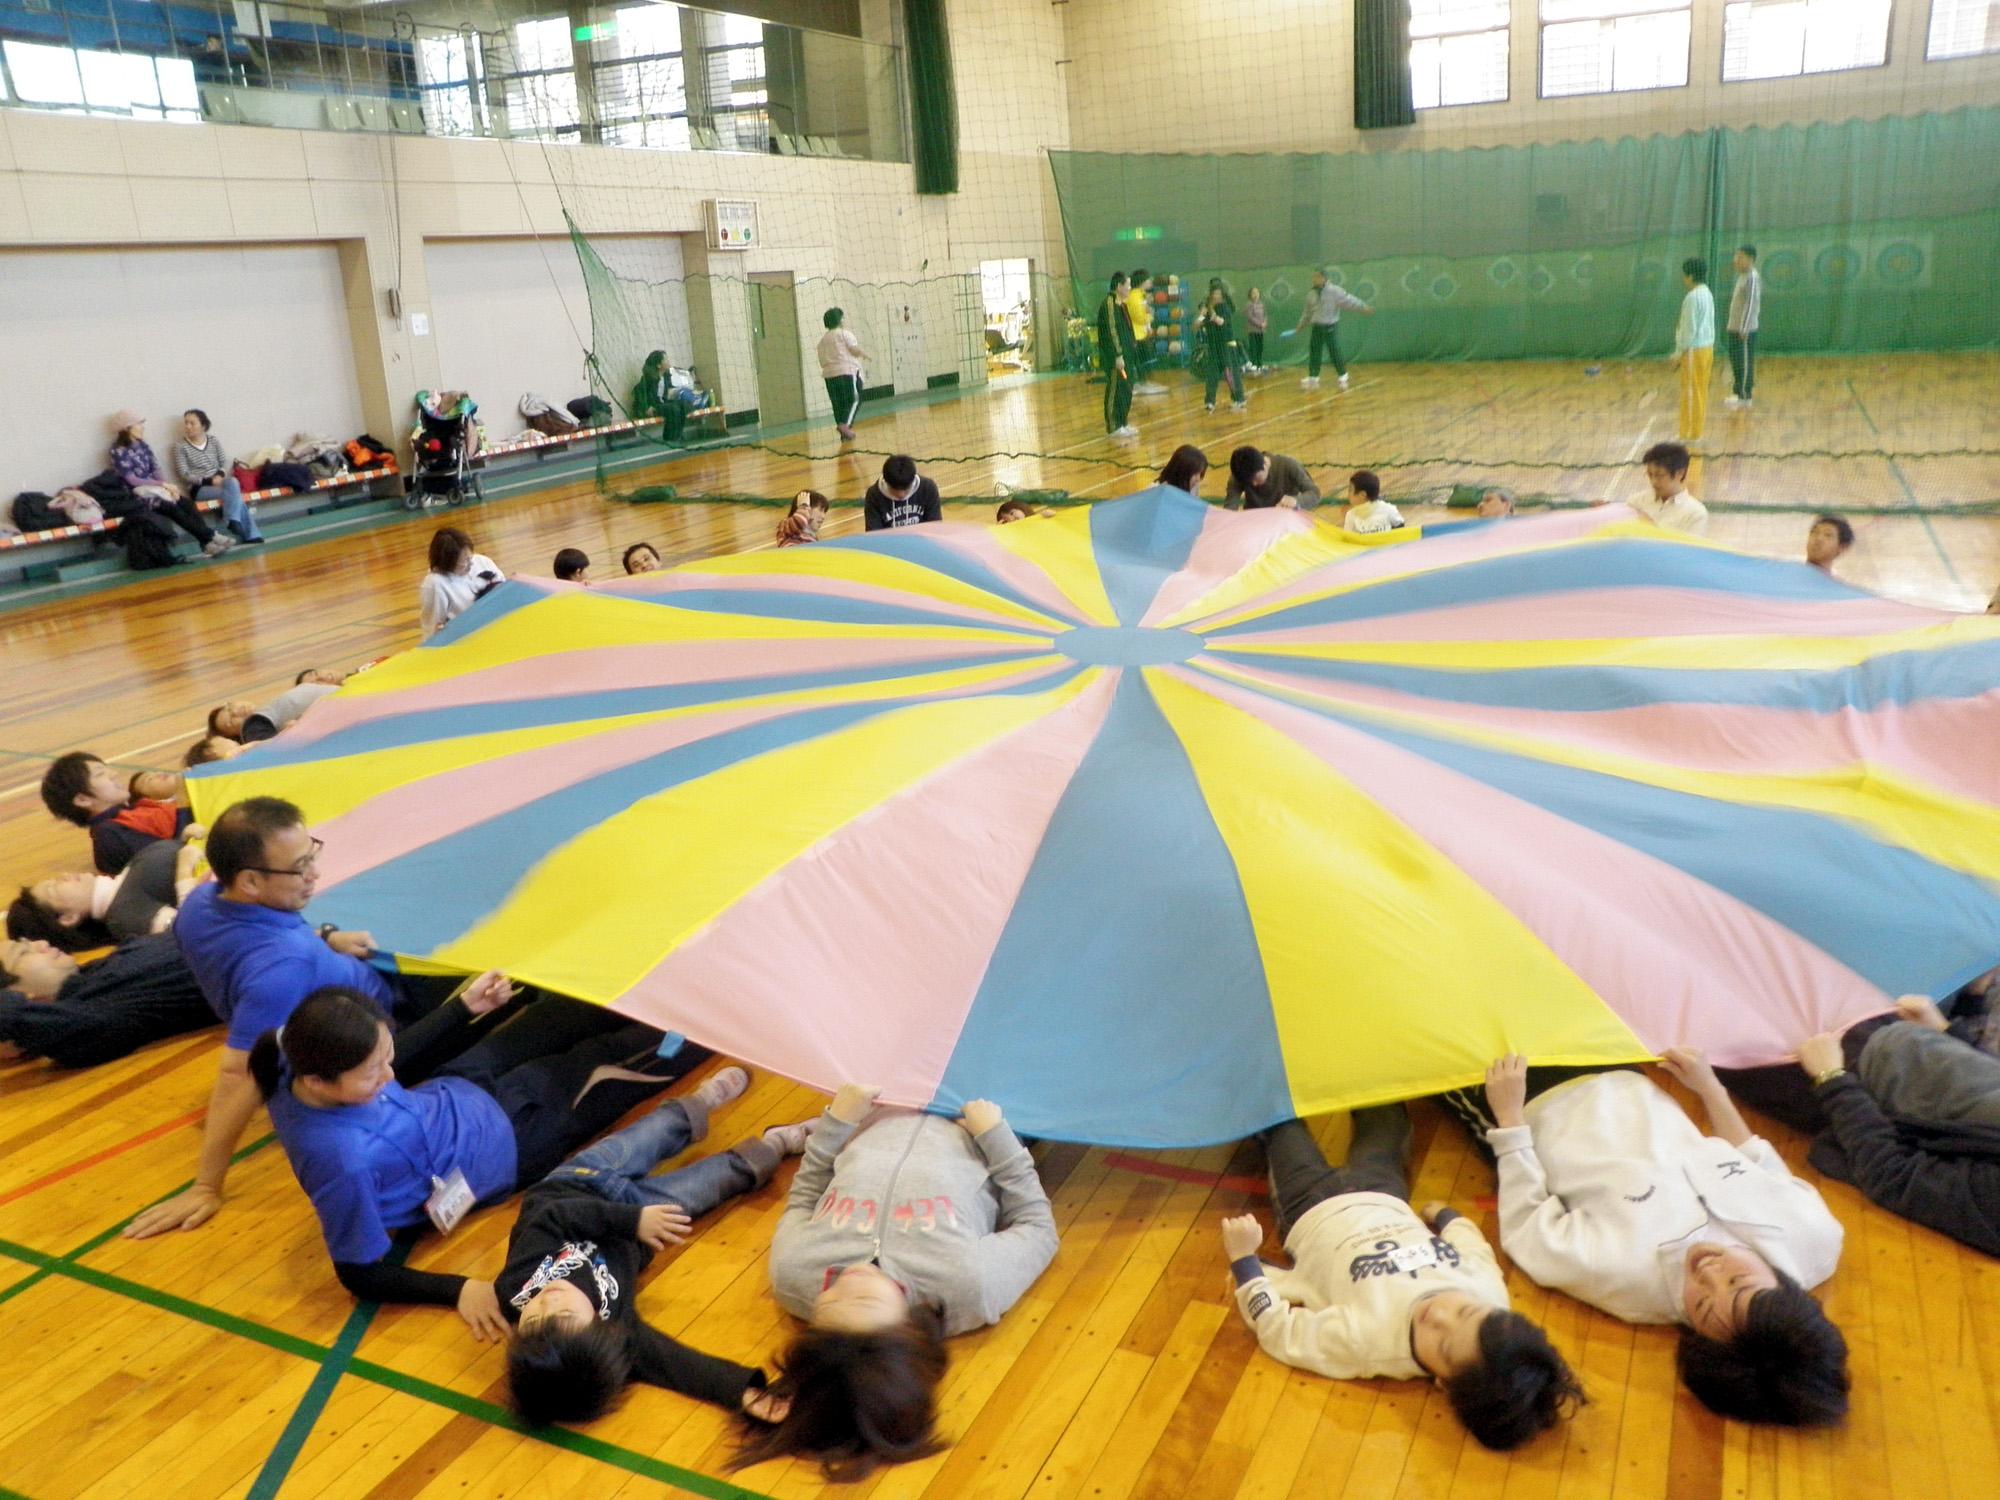 P1240330 - 親子で楽しむキッズ体操クラブ教室より ・・・親子でリズム体操を楽しんでいます。